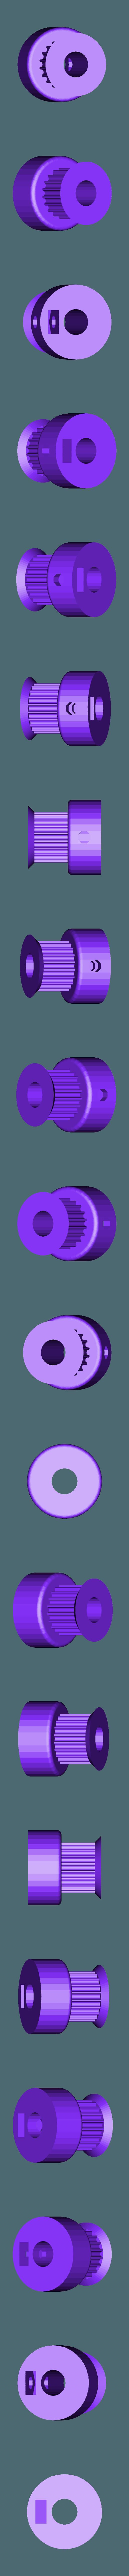 pulley_t-mxl-xl-htd-gt2_n-tooth_20150912-25888-gc4u0i-0.stl Télécharger fichier STL gratuit GT2 20t8 6+s rb • Modèle à imprimer en 3D, lmirel